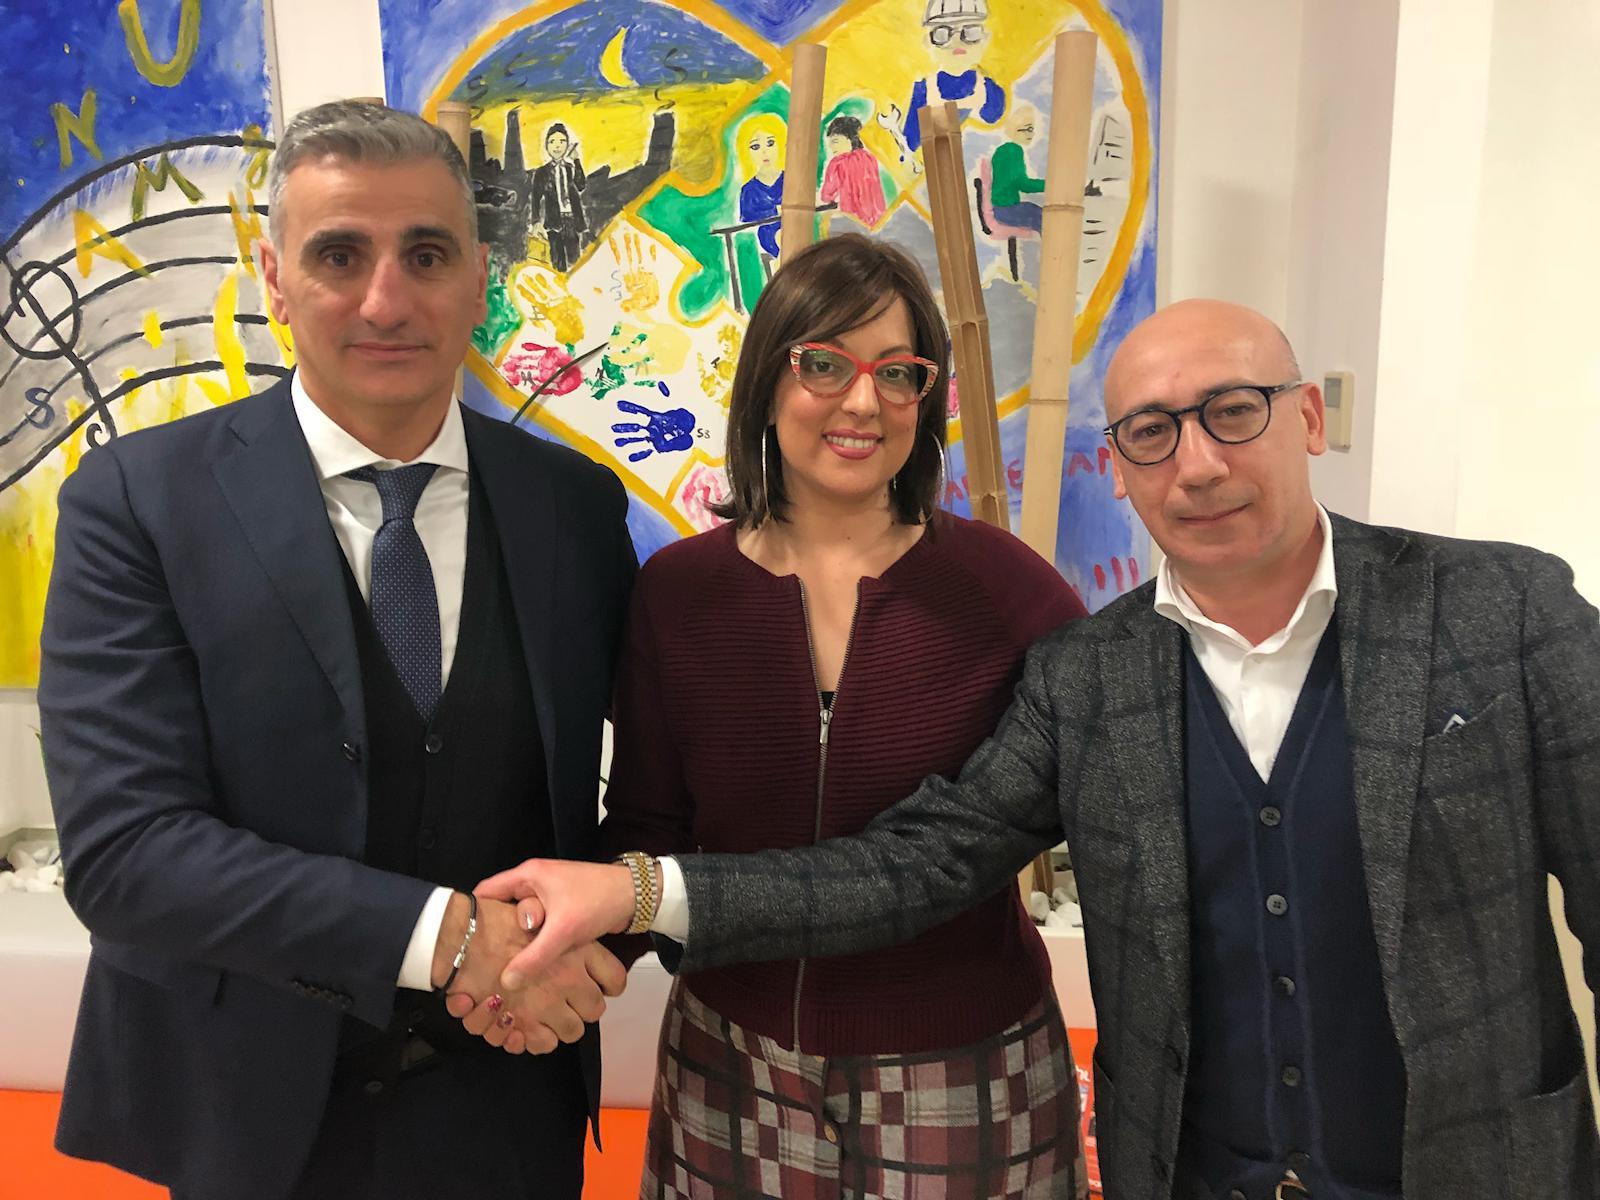 La marsicana Rosa Pestilli candidata nella lista di Azione Politica di Gianluca Zelli